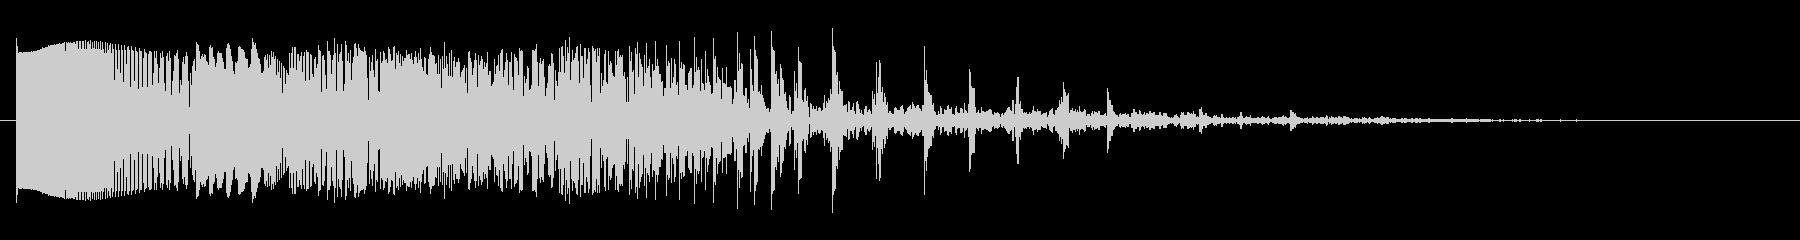 ビッグエレクトロザッパースワイプ1の未再生の波形